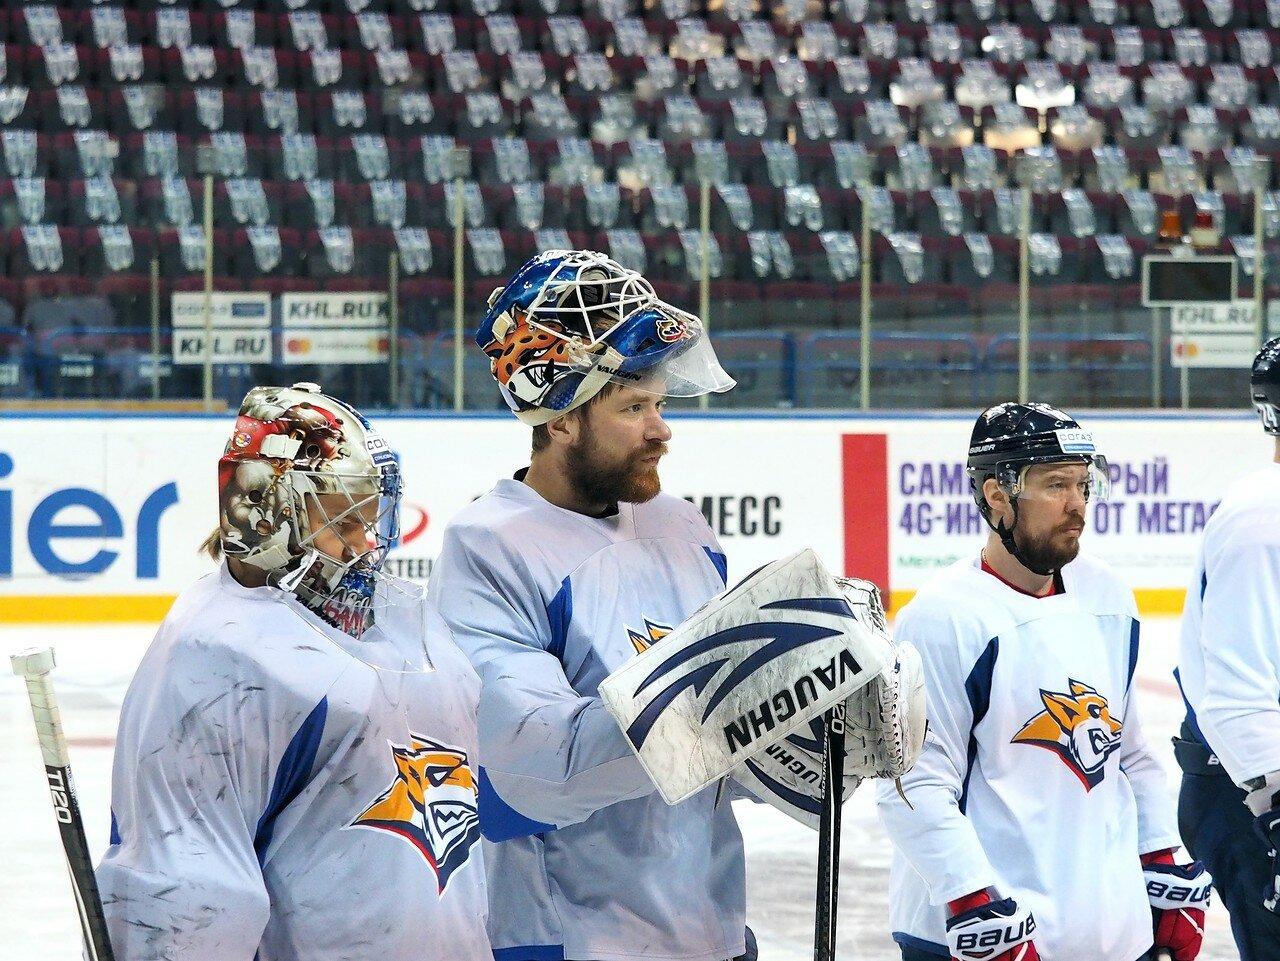 9 Открытая тренировка перед финалом плей-офф КХЛ 2017 06.04.2017